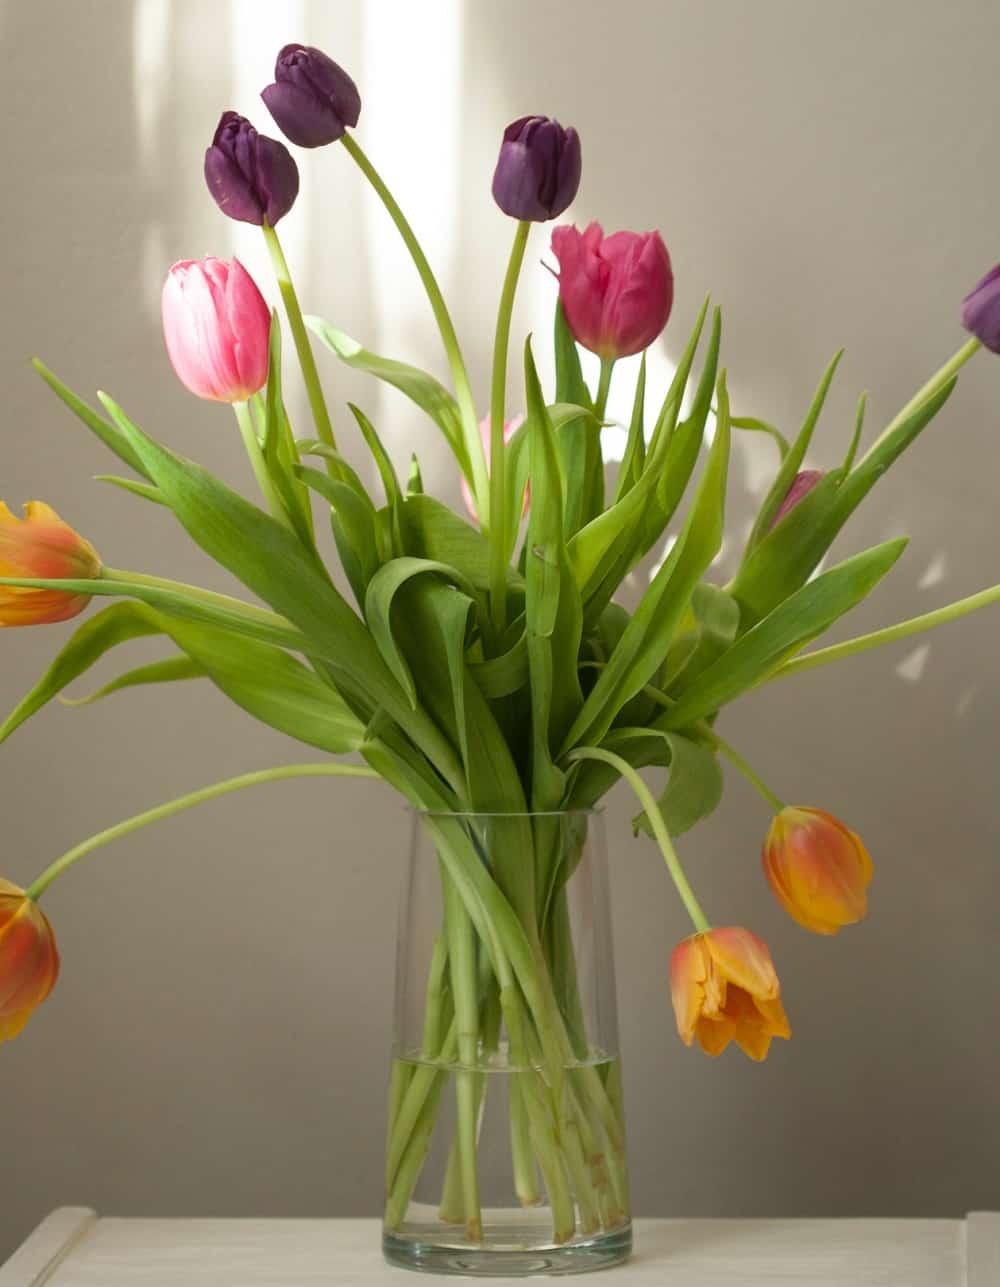 aby tulipány vydržali